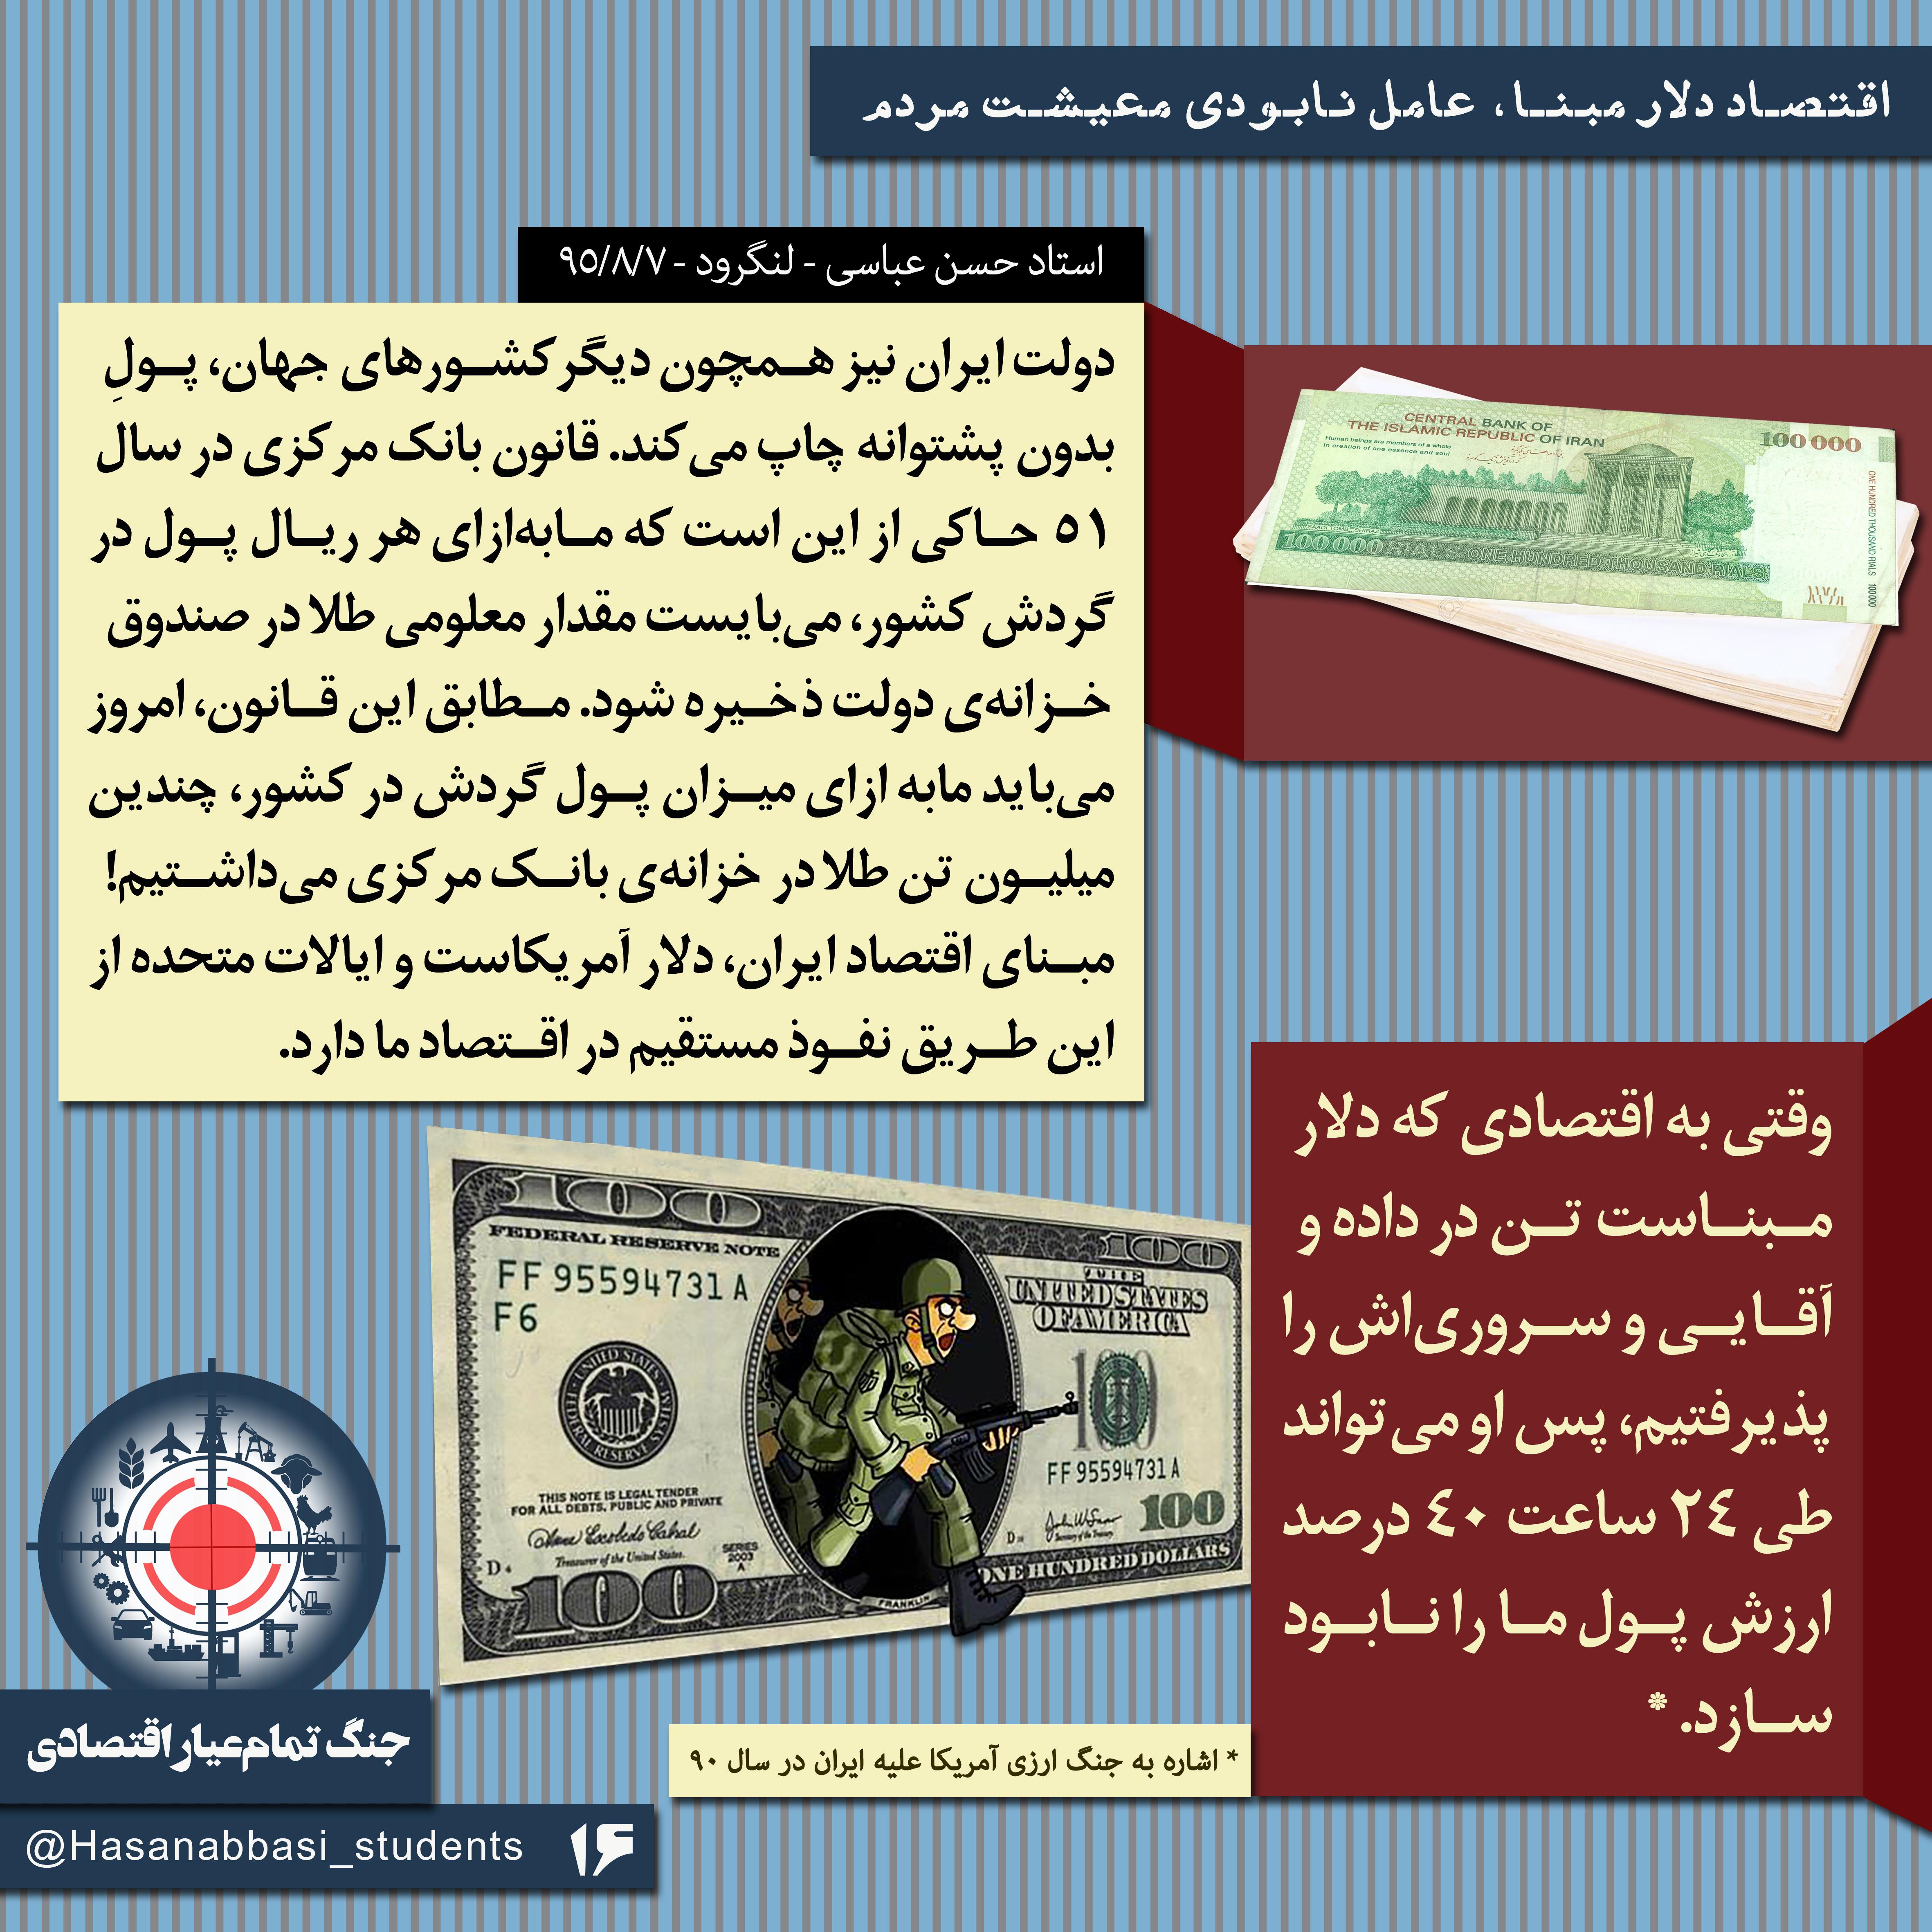 اقتصاد دلار مبنا، عامل نابودی معیشت مردم - جنگ تمام عیار اقتصادی - 16